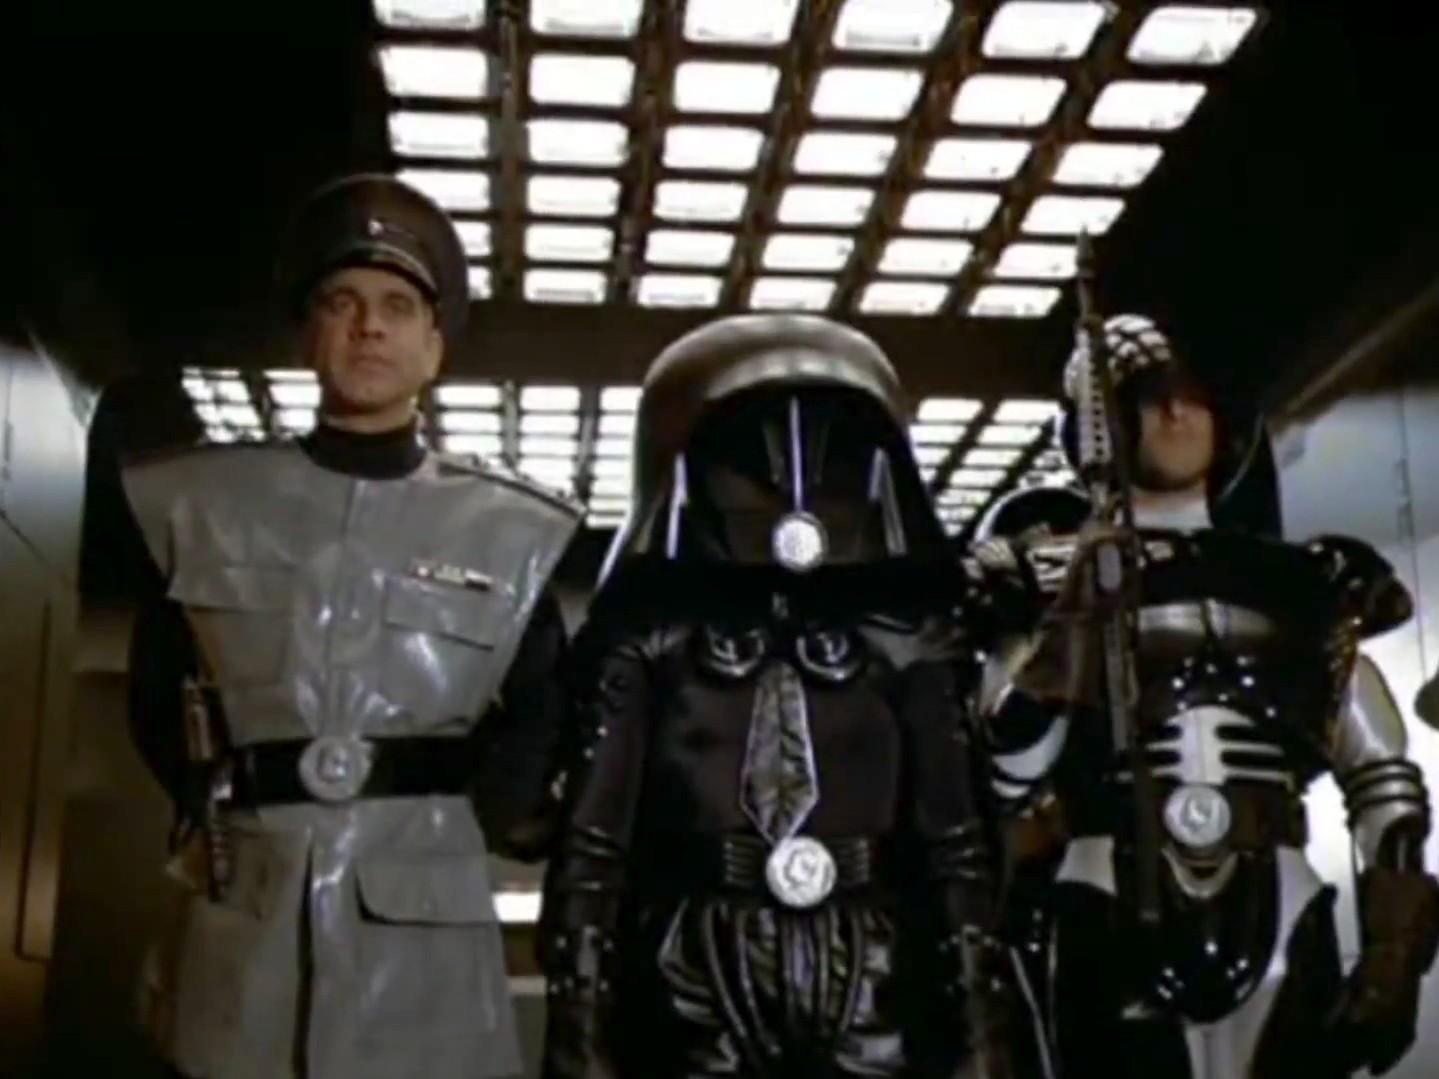 image rick moranis dark helmet and george wyner jpg legends of